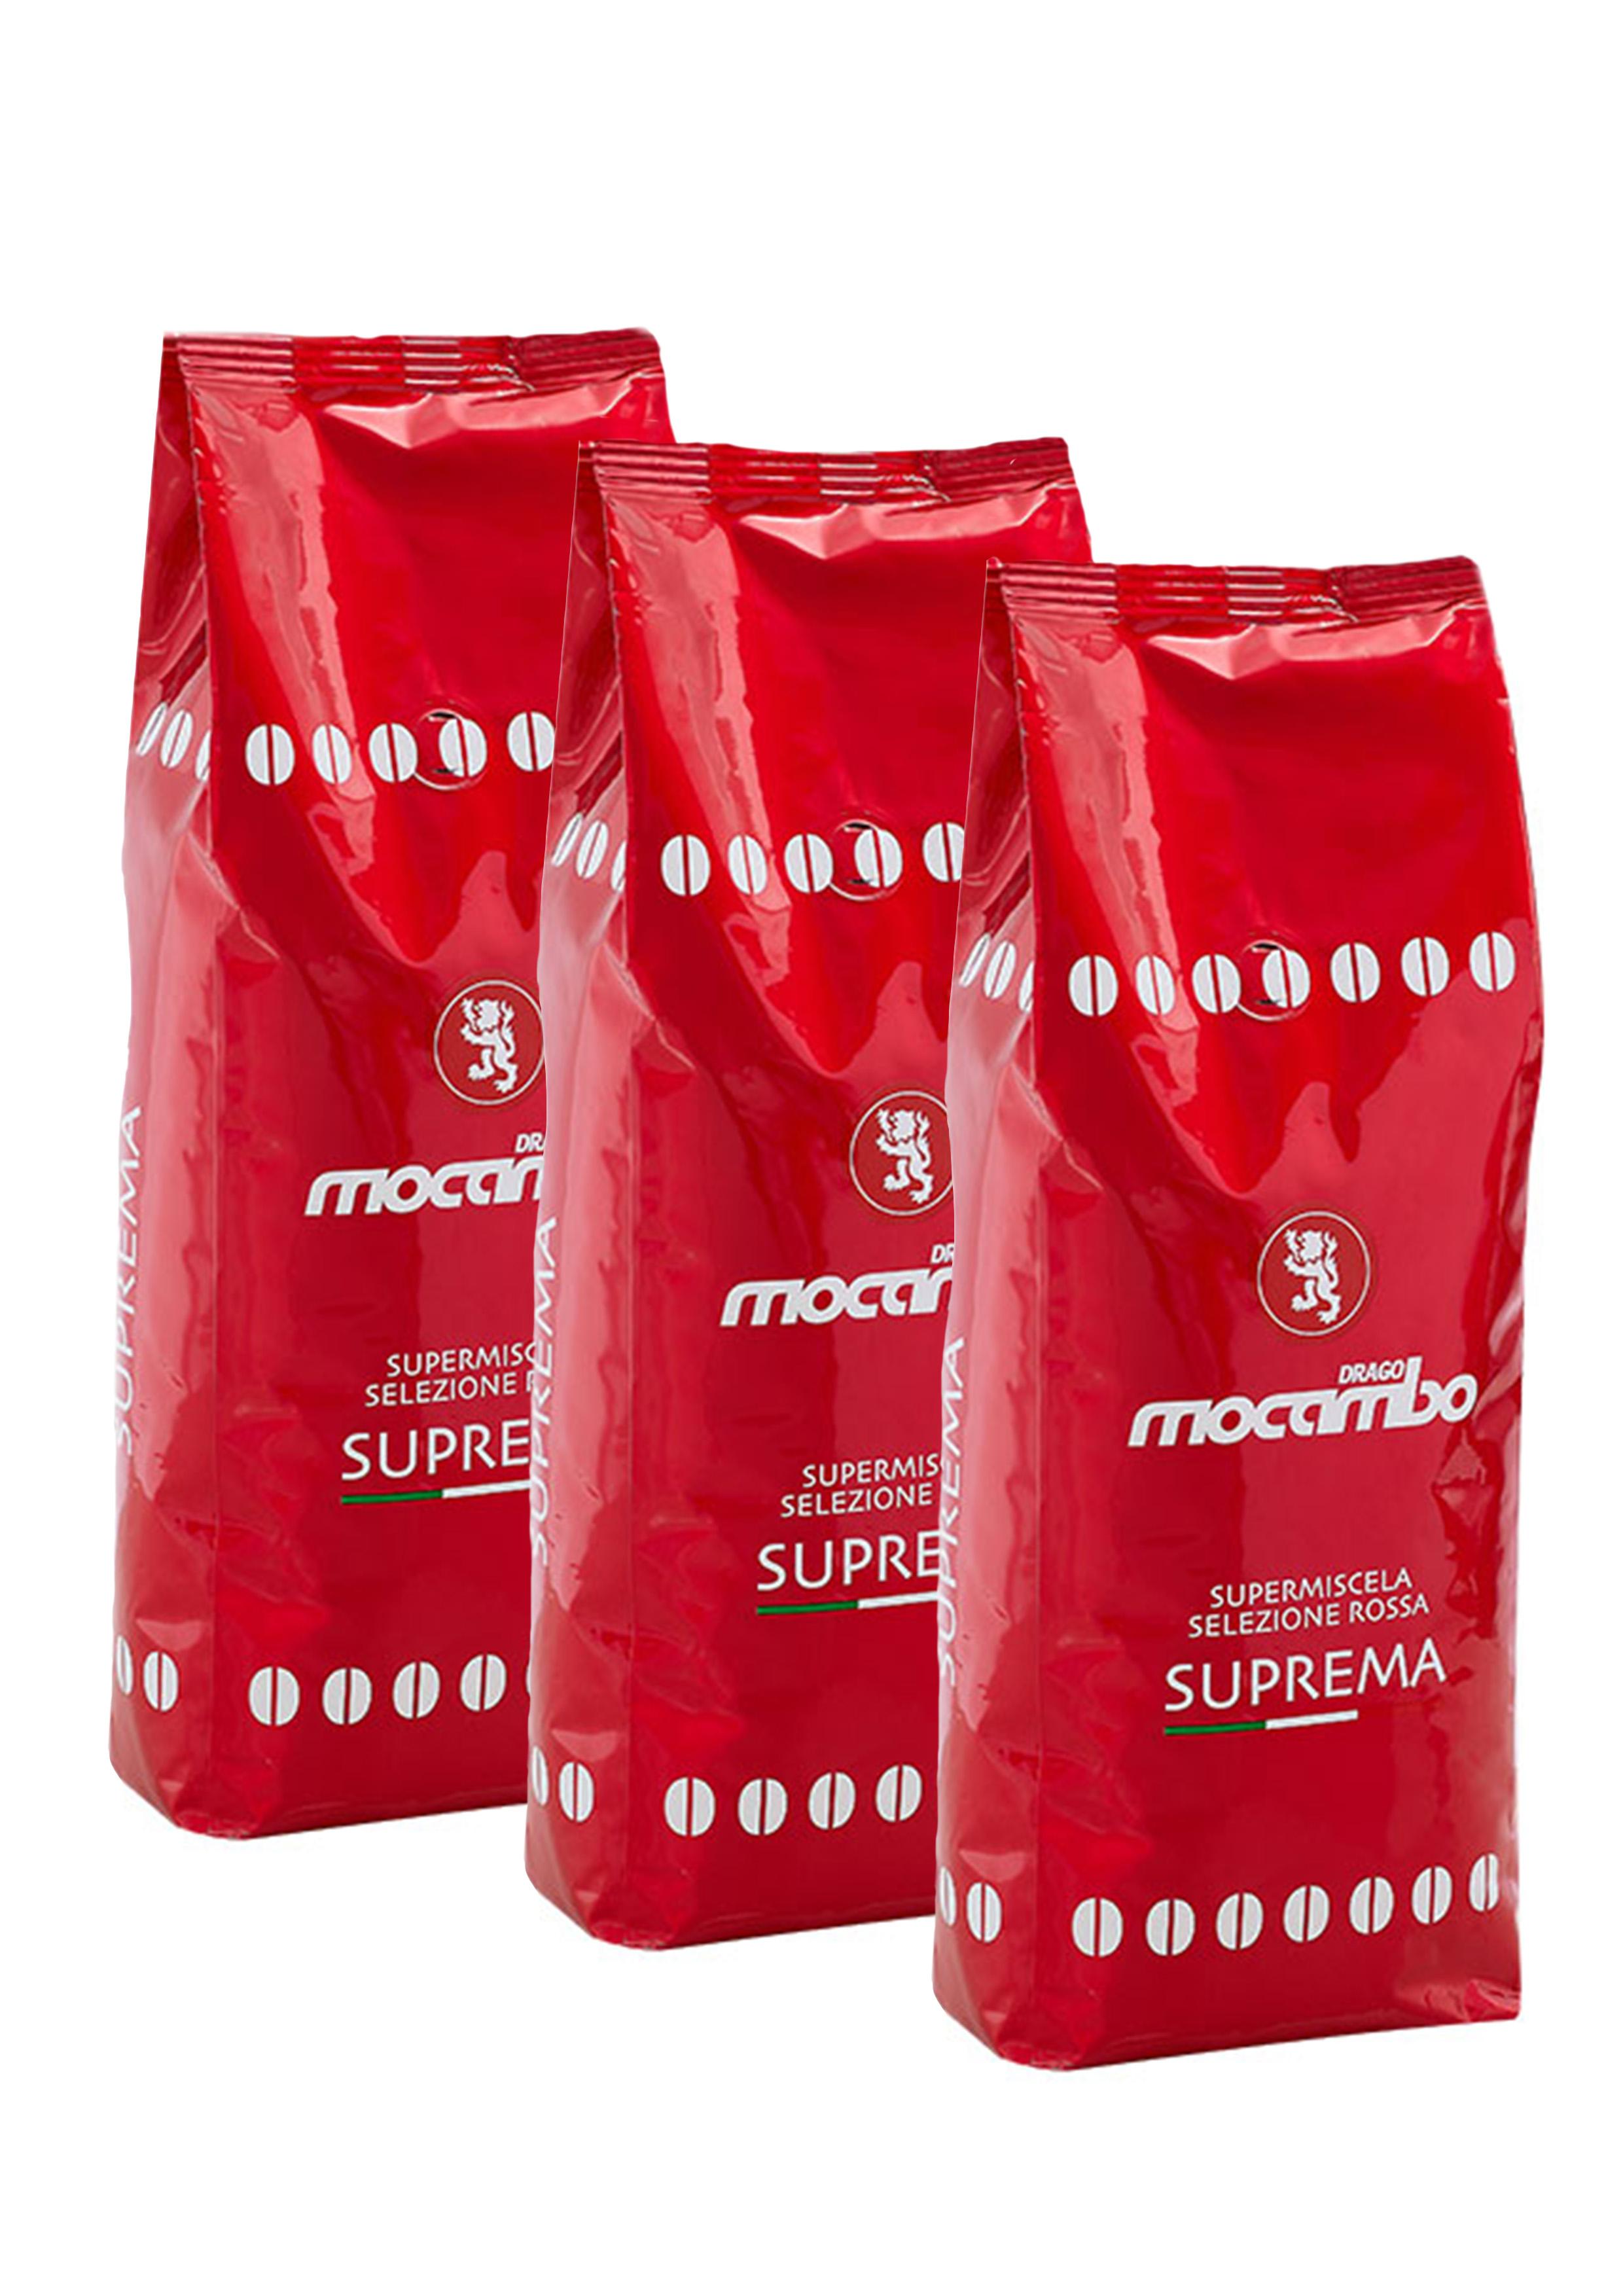 Mocambo Suprema, Espresso Kaffee Bohnen 3x 1 kg